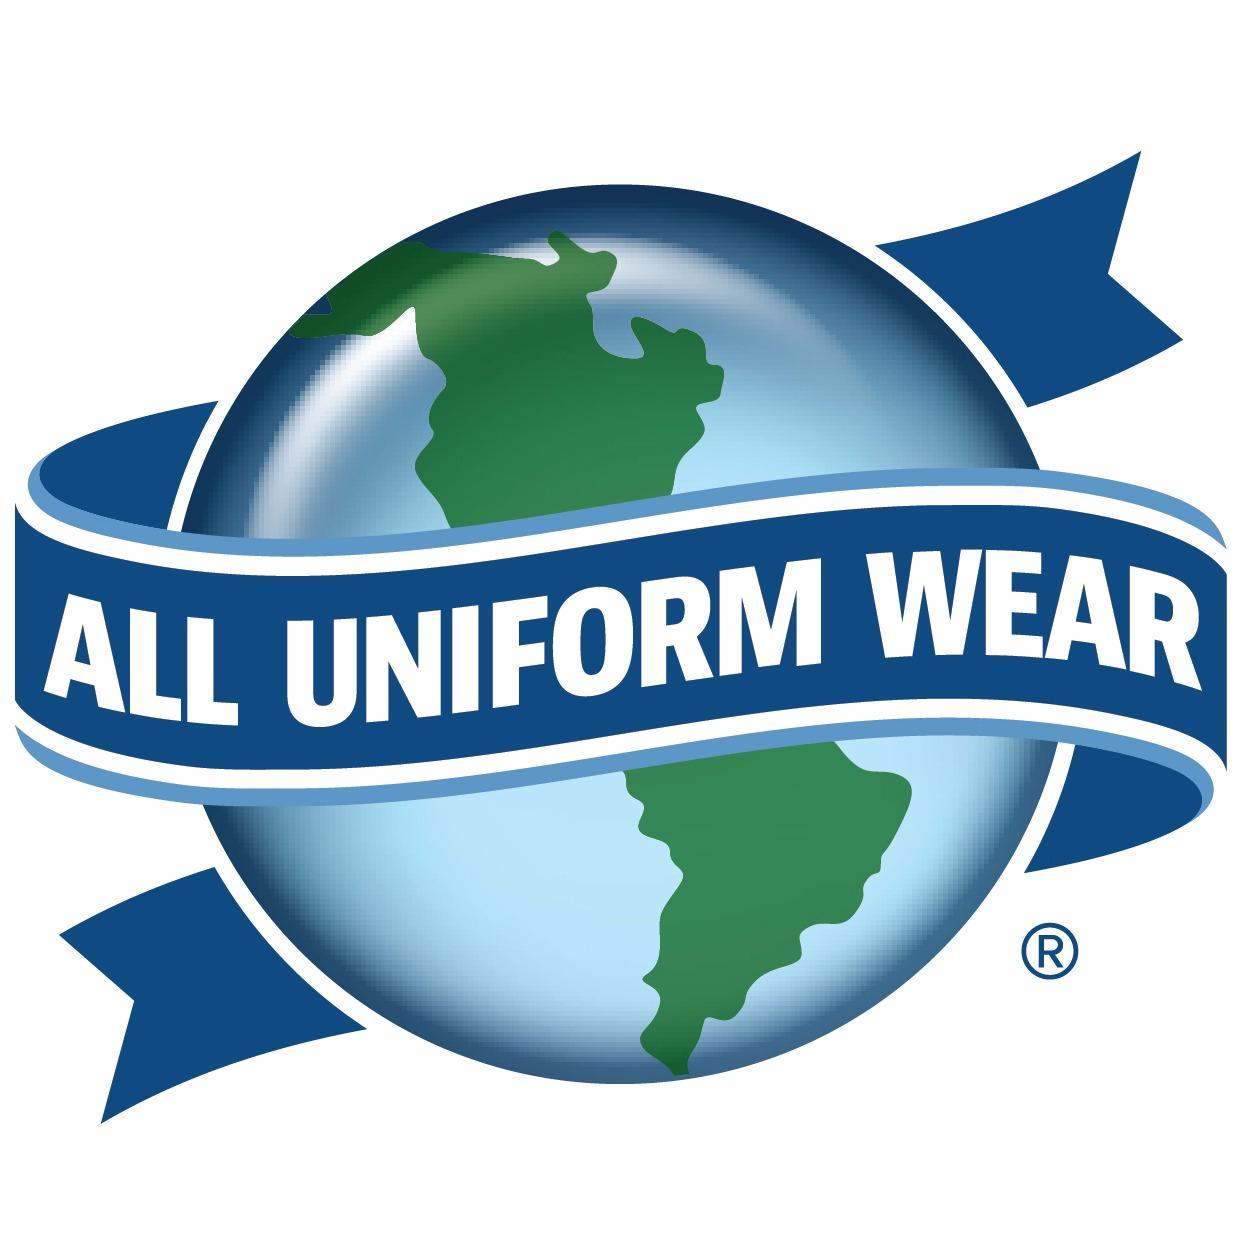 All Uniform Wear